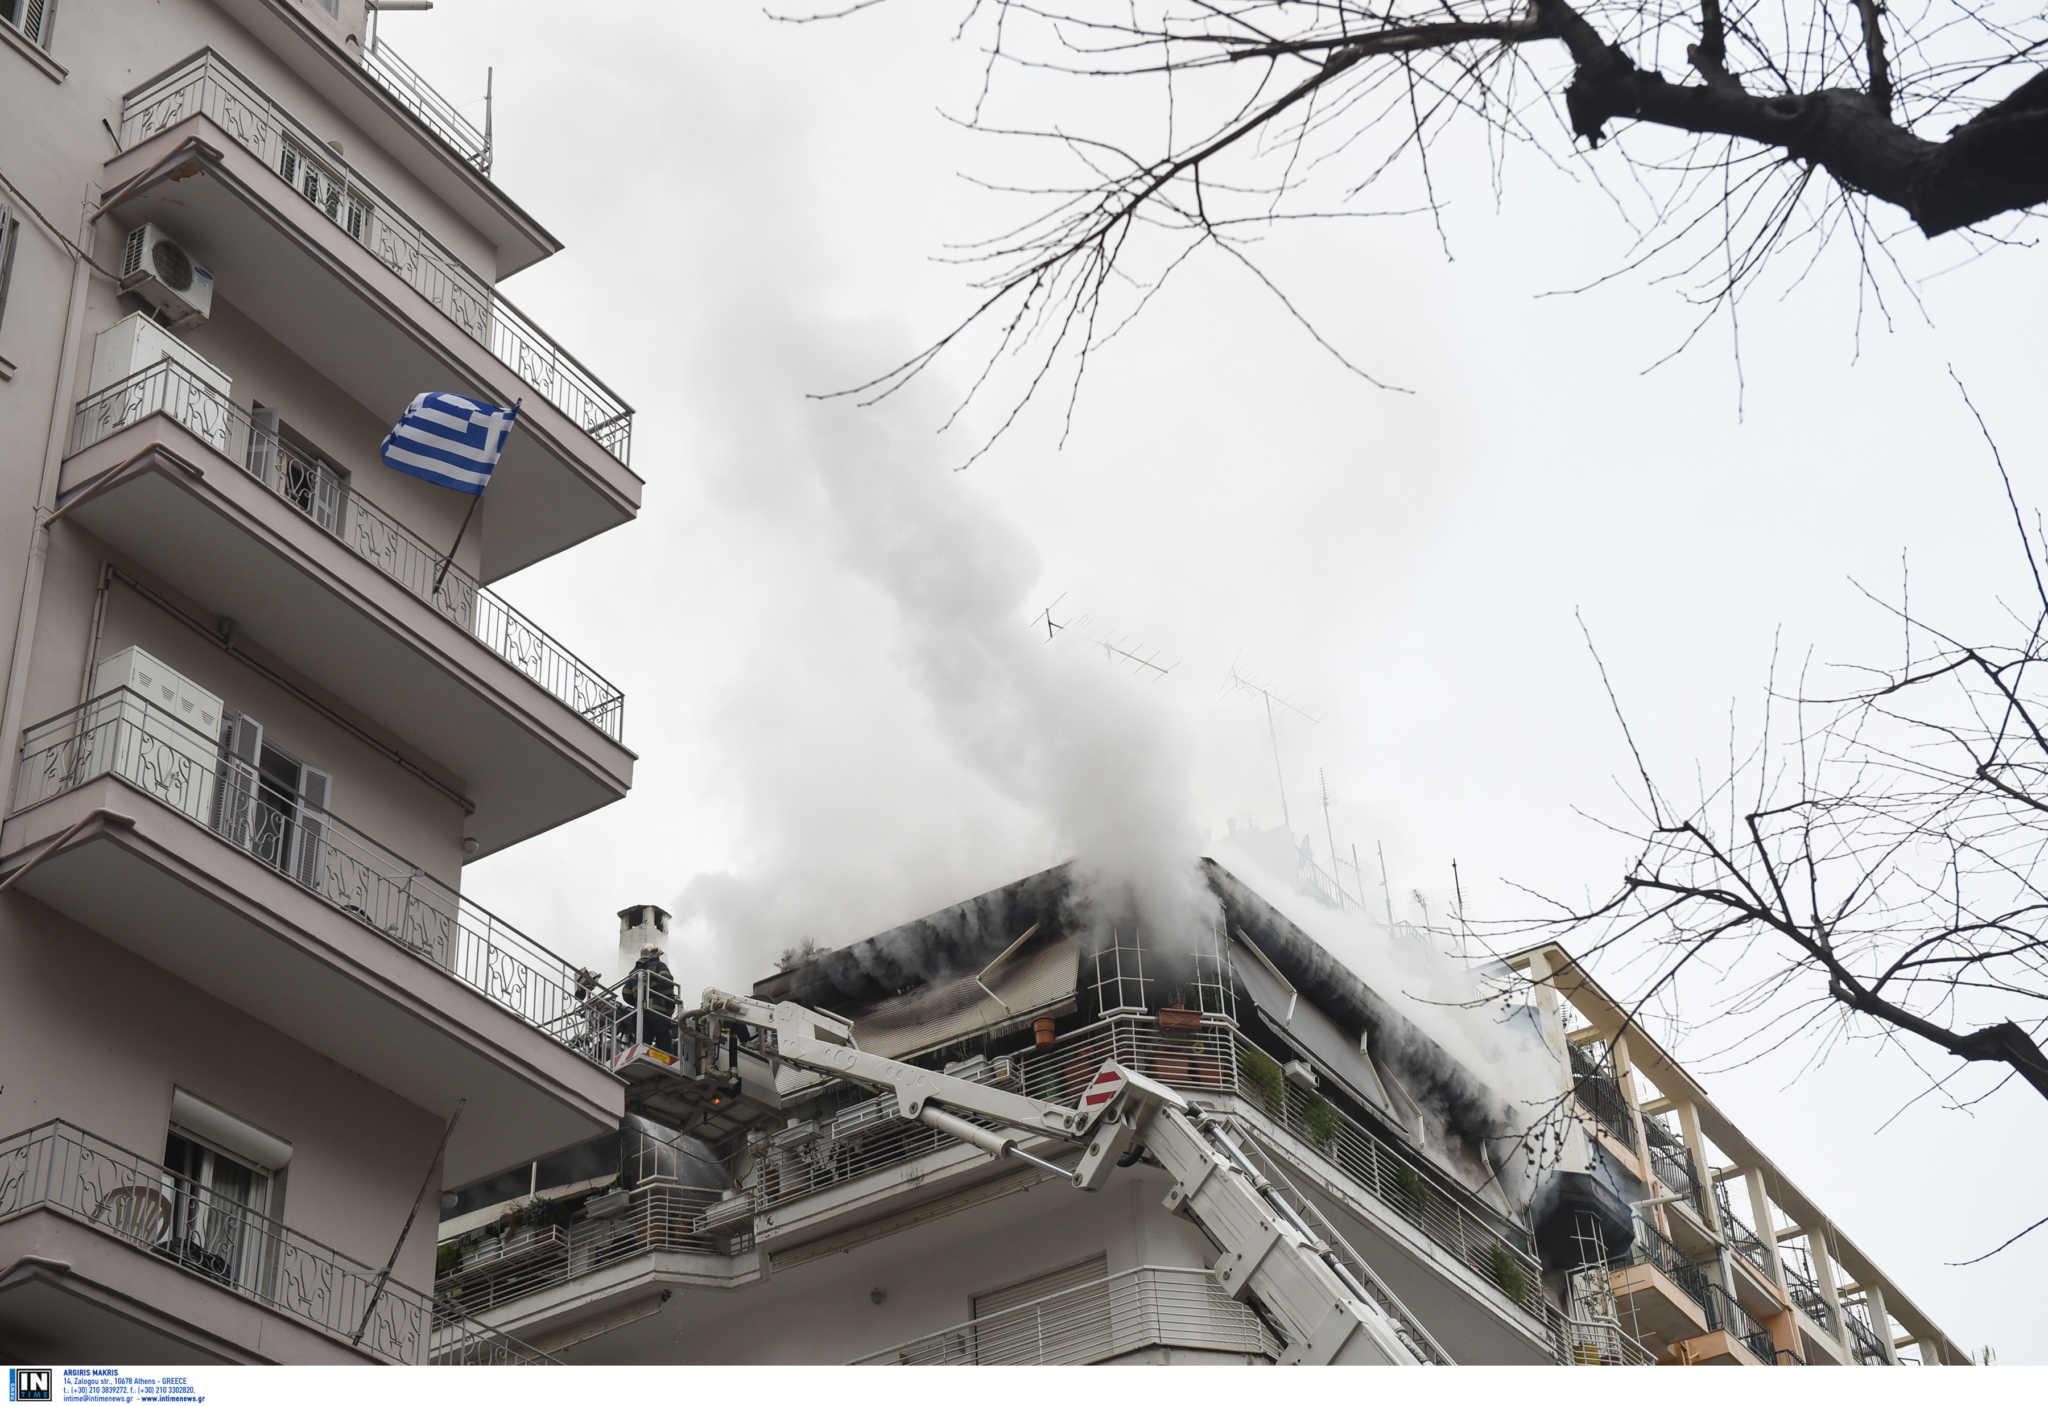 Τραγωδία στη Θεσσαλονίκη: Νεκρό ηλικιωμένο ζευγάρι από τη φωτιά σε διαμέρισμα